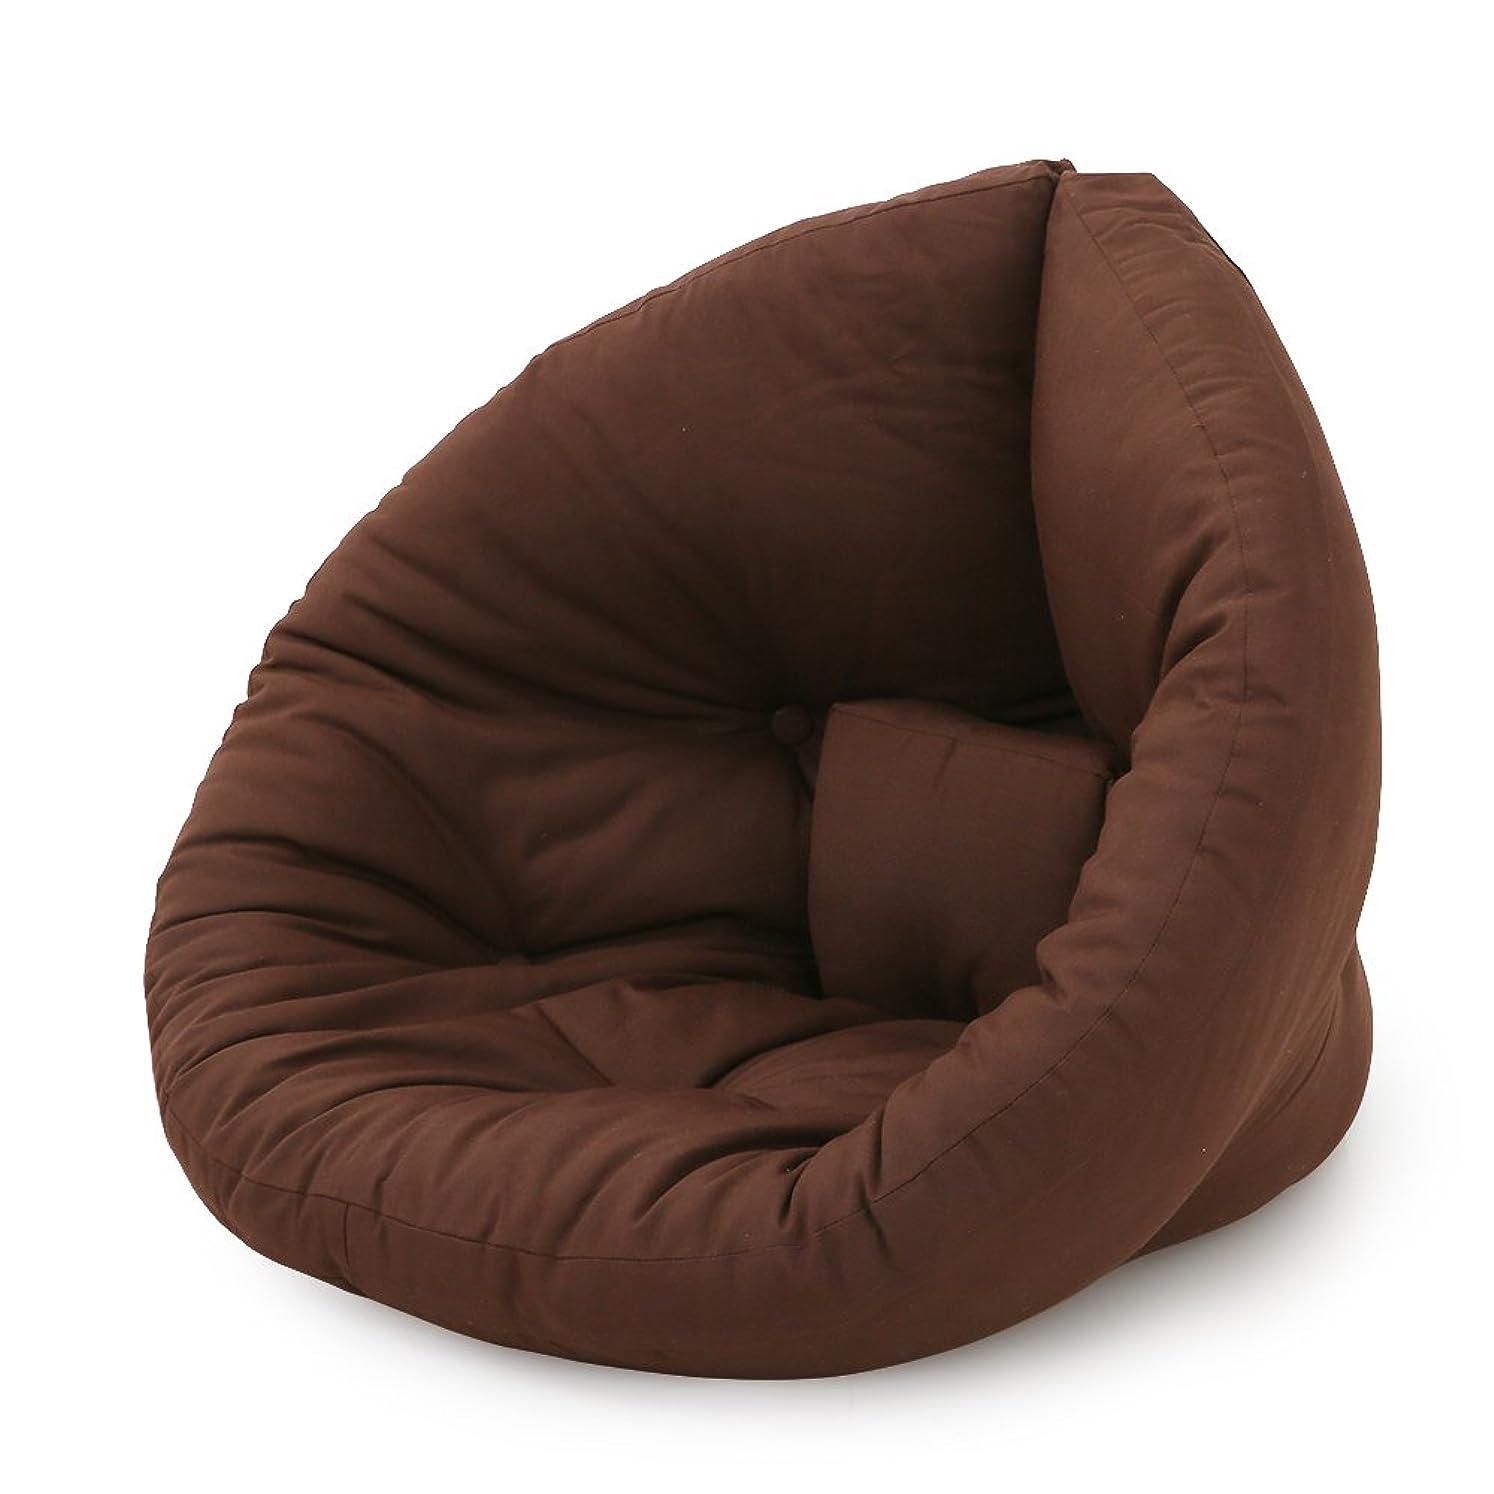 貸す強調する好きLOWYA 北欧デザイン 座椅子 2way 広げてマットレスにも 1人掛け ソファ デザイナーズ ファブリック ミニサイズ ブラウン